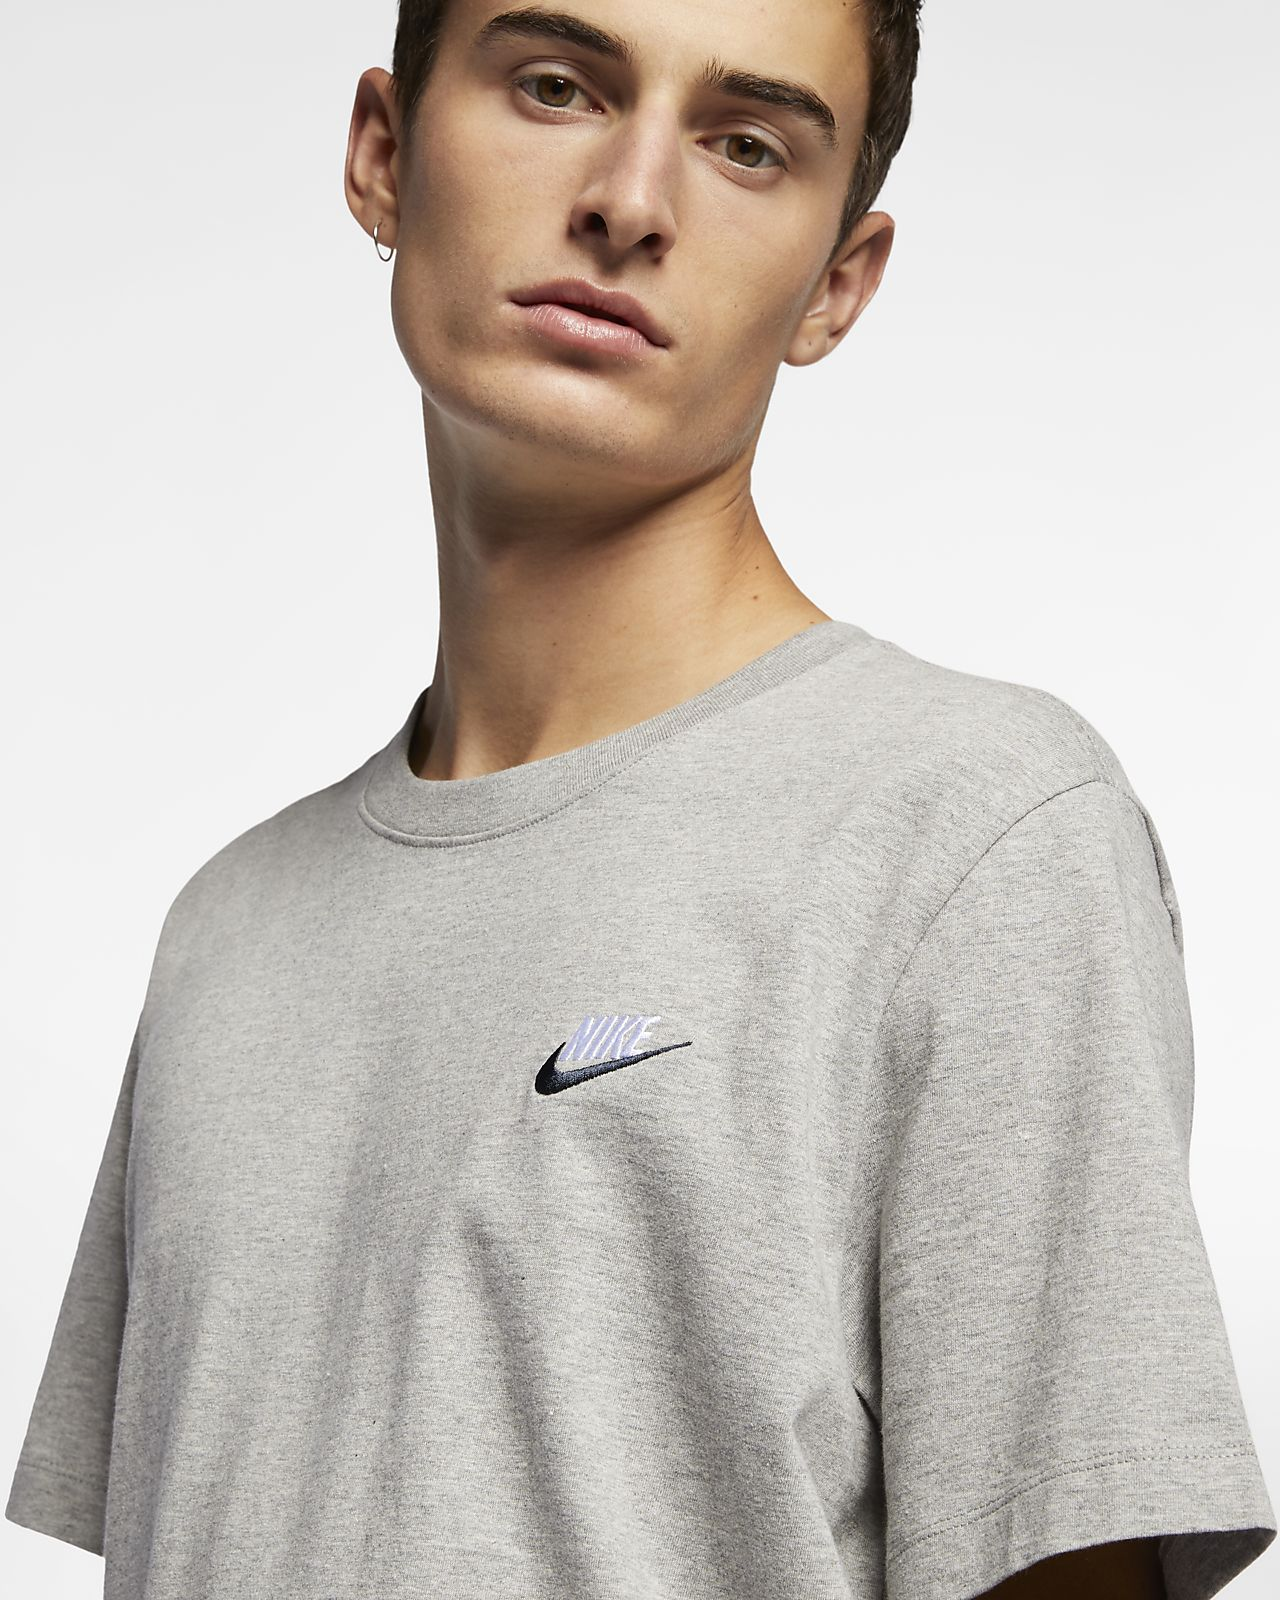 grava mezcla sorpresa  Nike Sportswear Club Camiseta Hombre Gris Ropa técnica Hombre